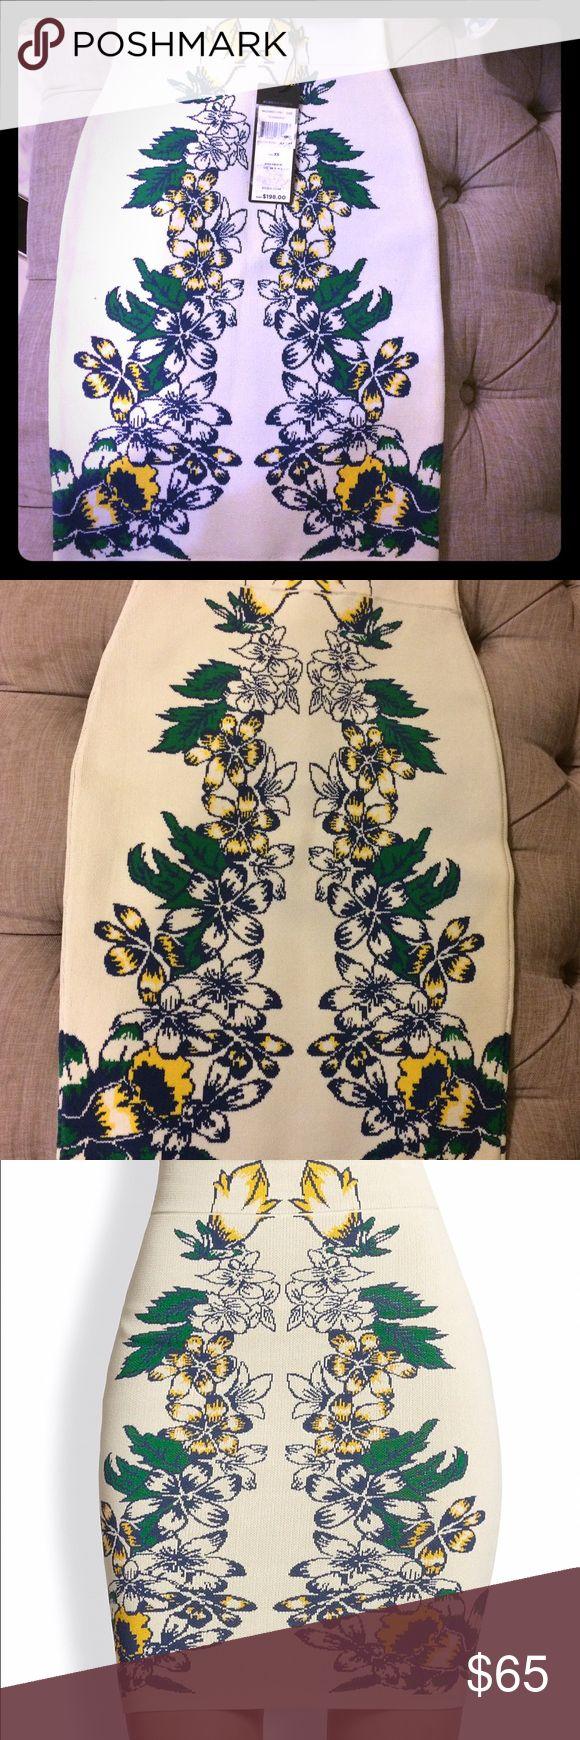 Bcbg Max Azria 'caimbrie' skirt Caimbrie mini skirt . New w tags BCBGMaxAzria Skirts